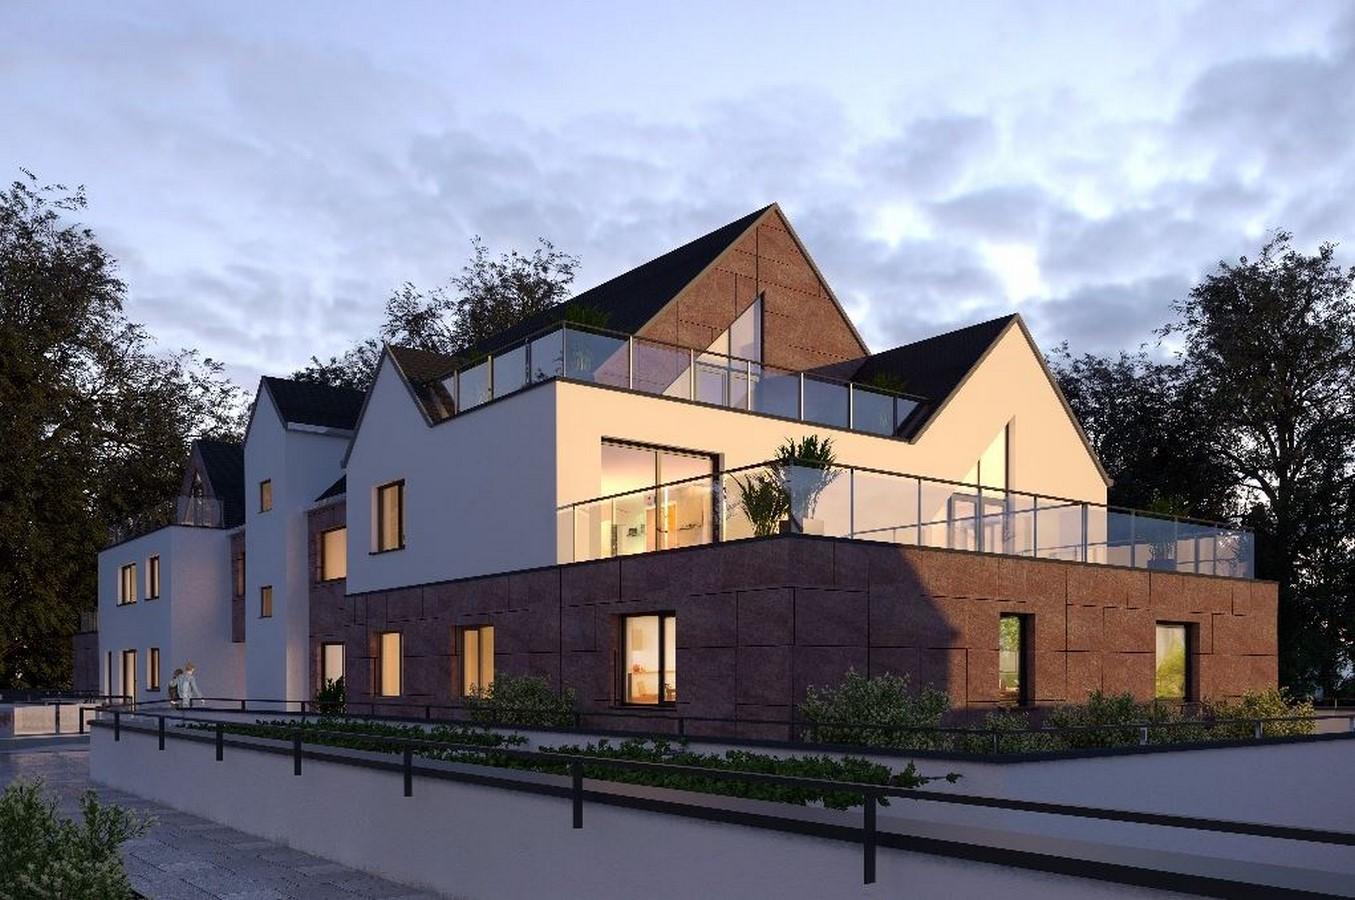 Villa Kastel in Horbourg-wihr- Sheet2